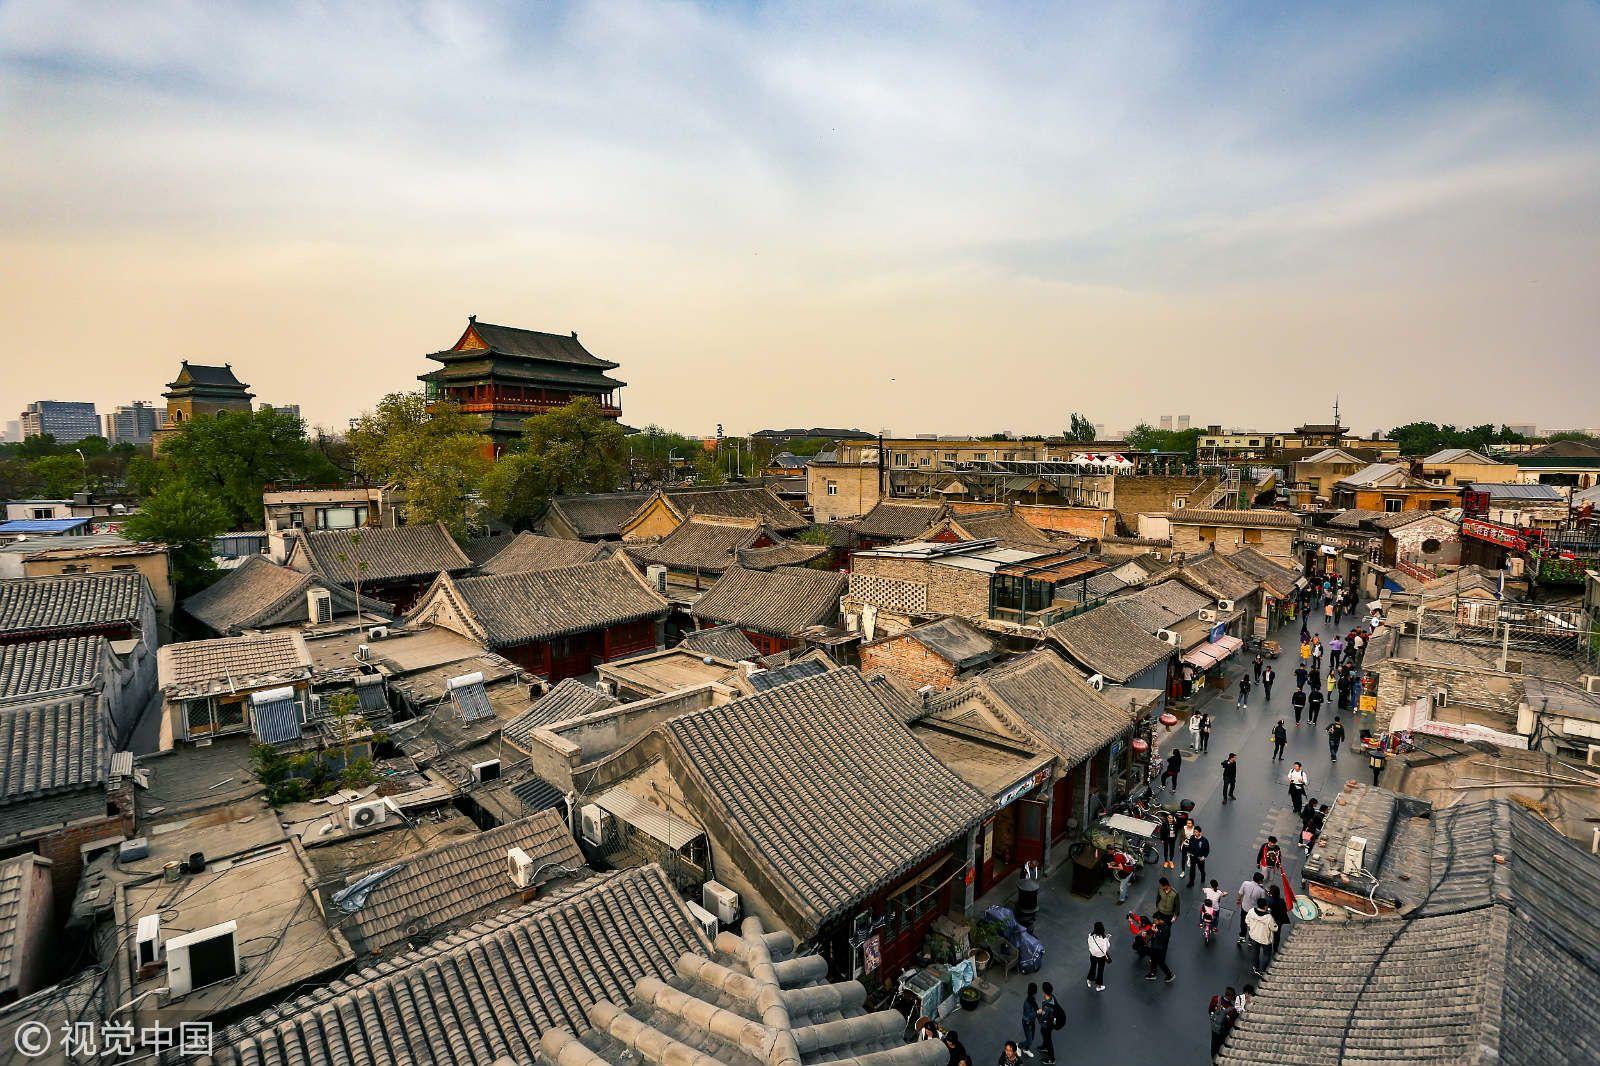 北京钟鼓楼附近胡同,图片来源:视觉中国。